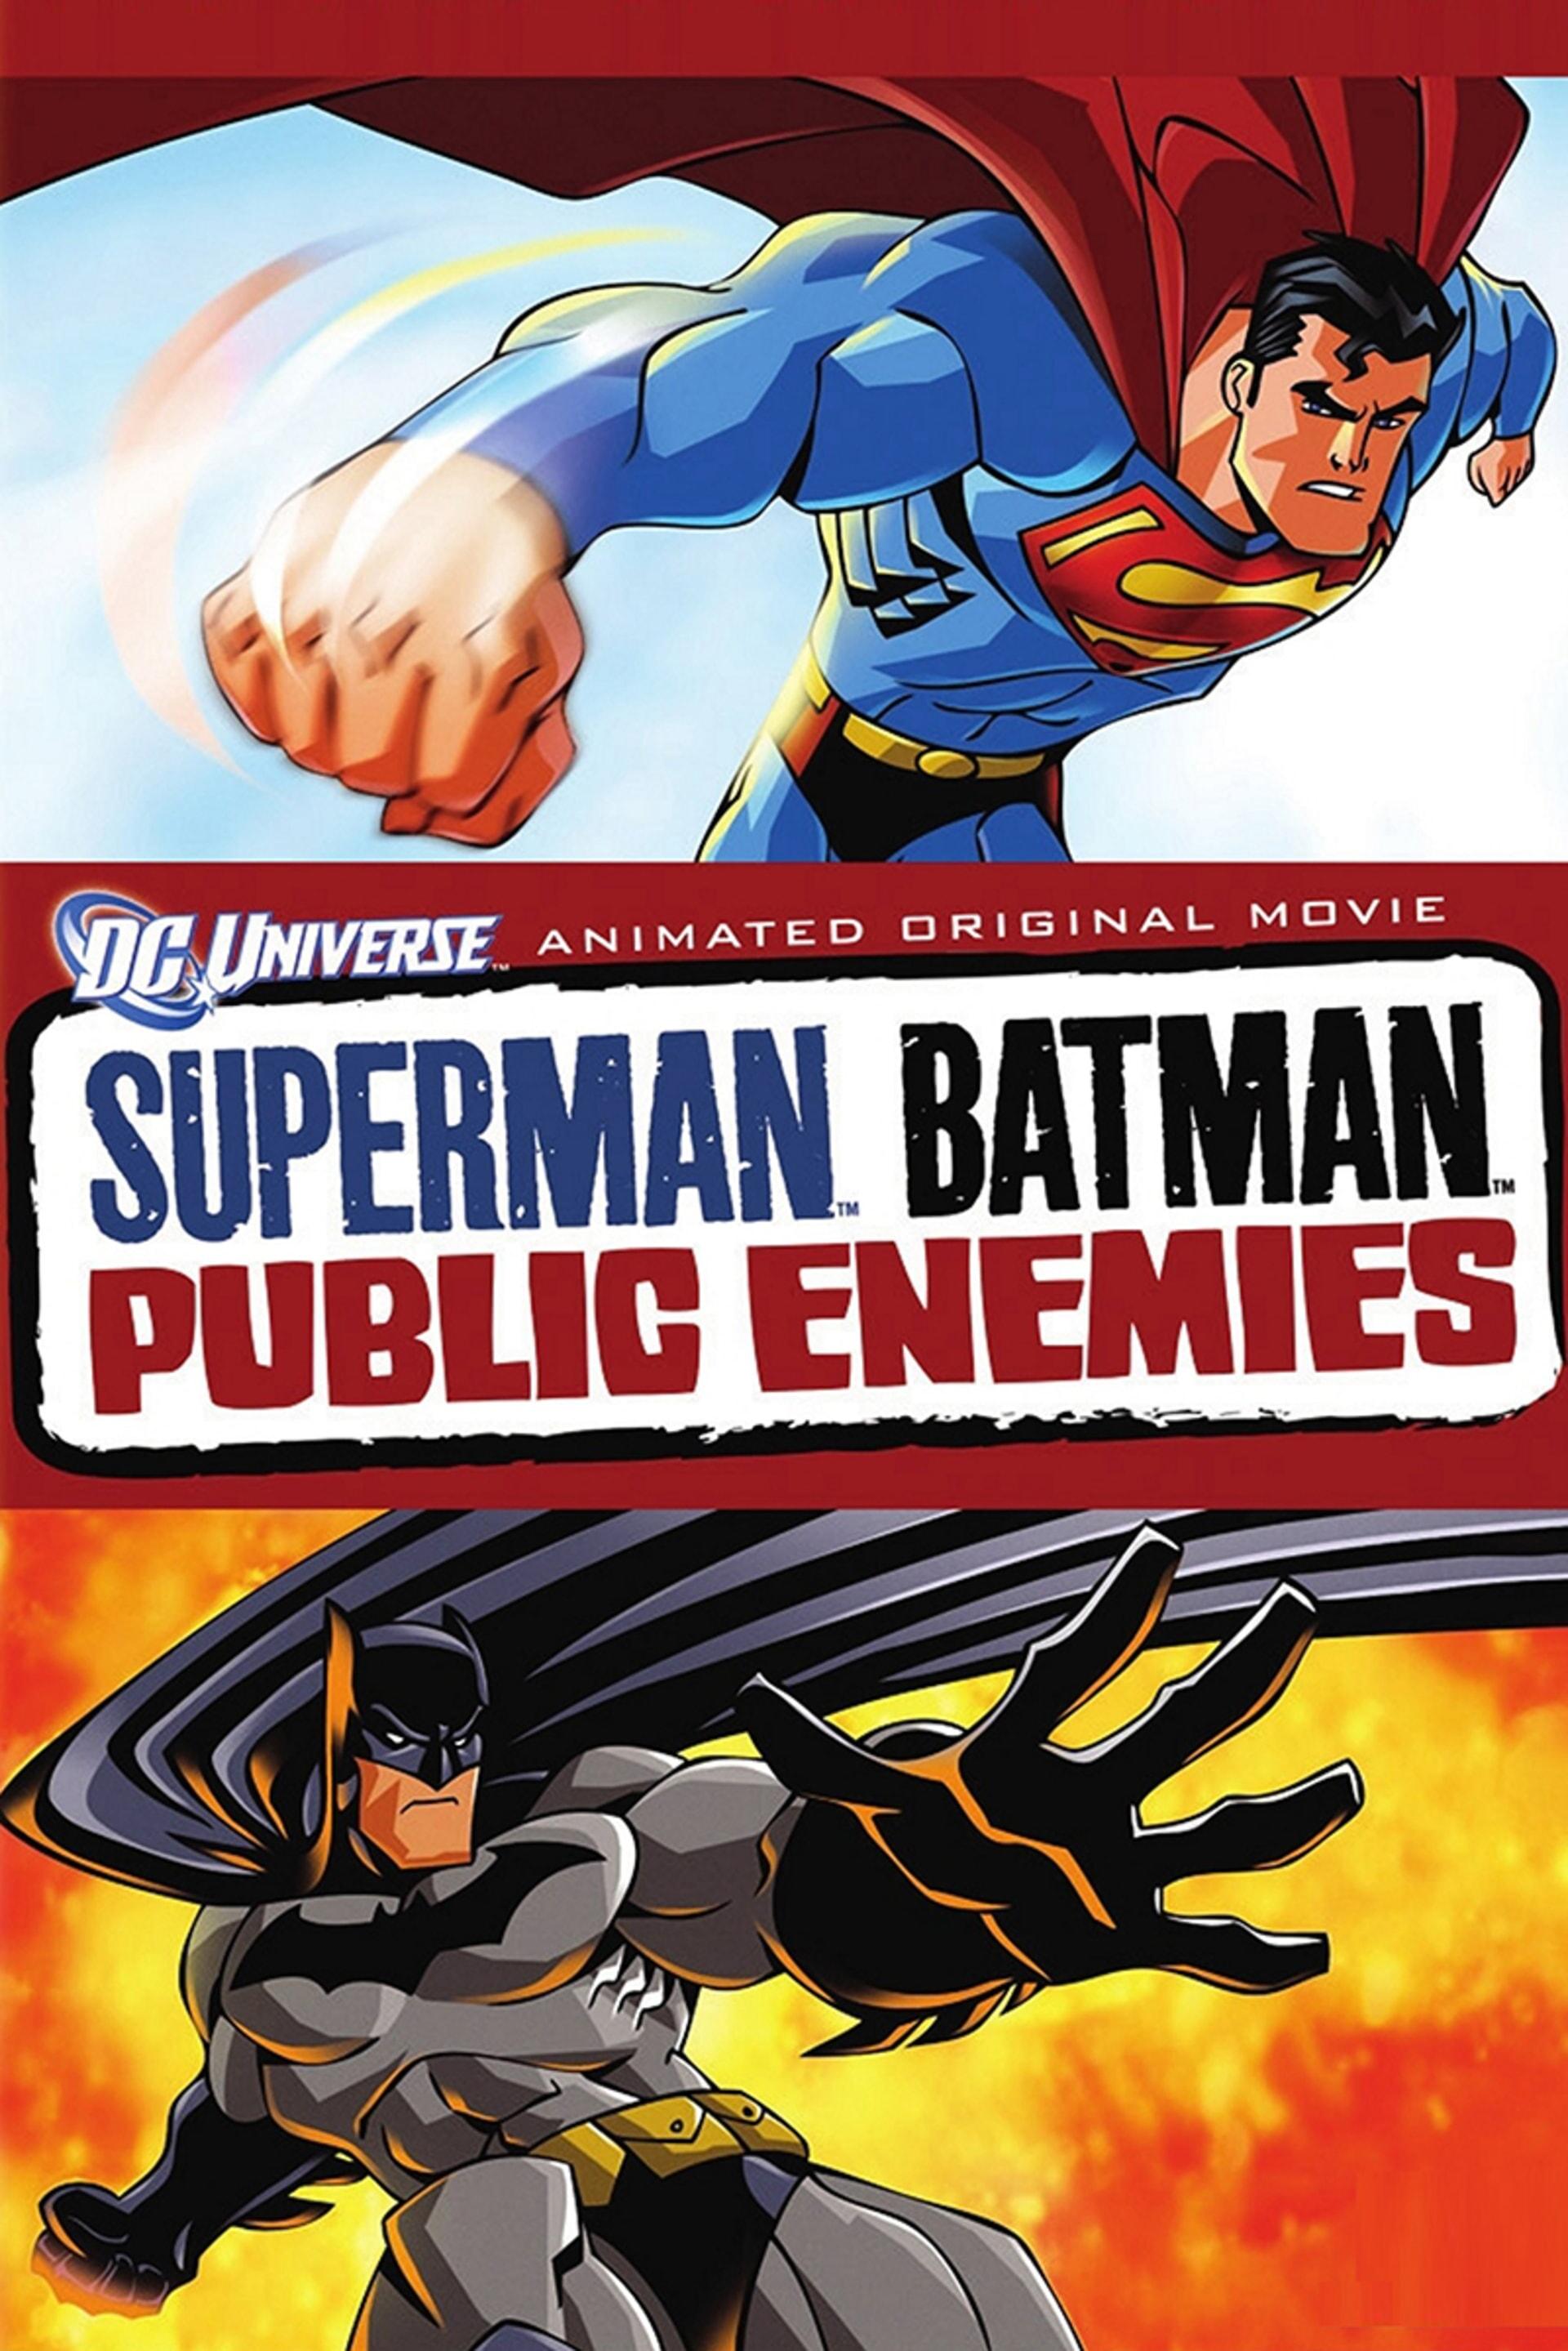 Superman/Batman: Public Enemies - Poster 1